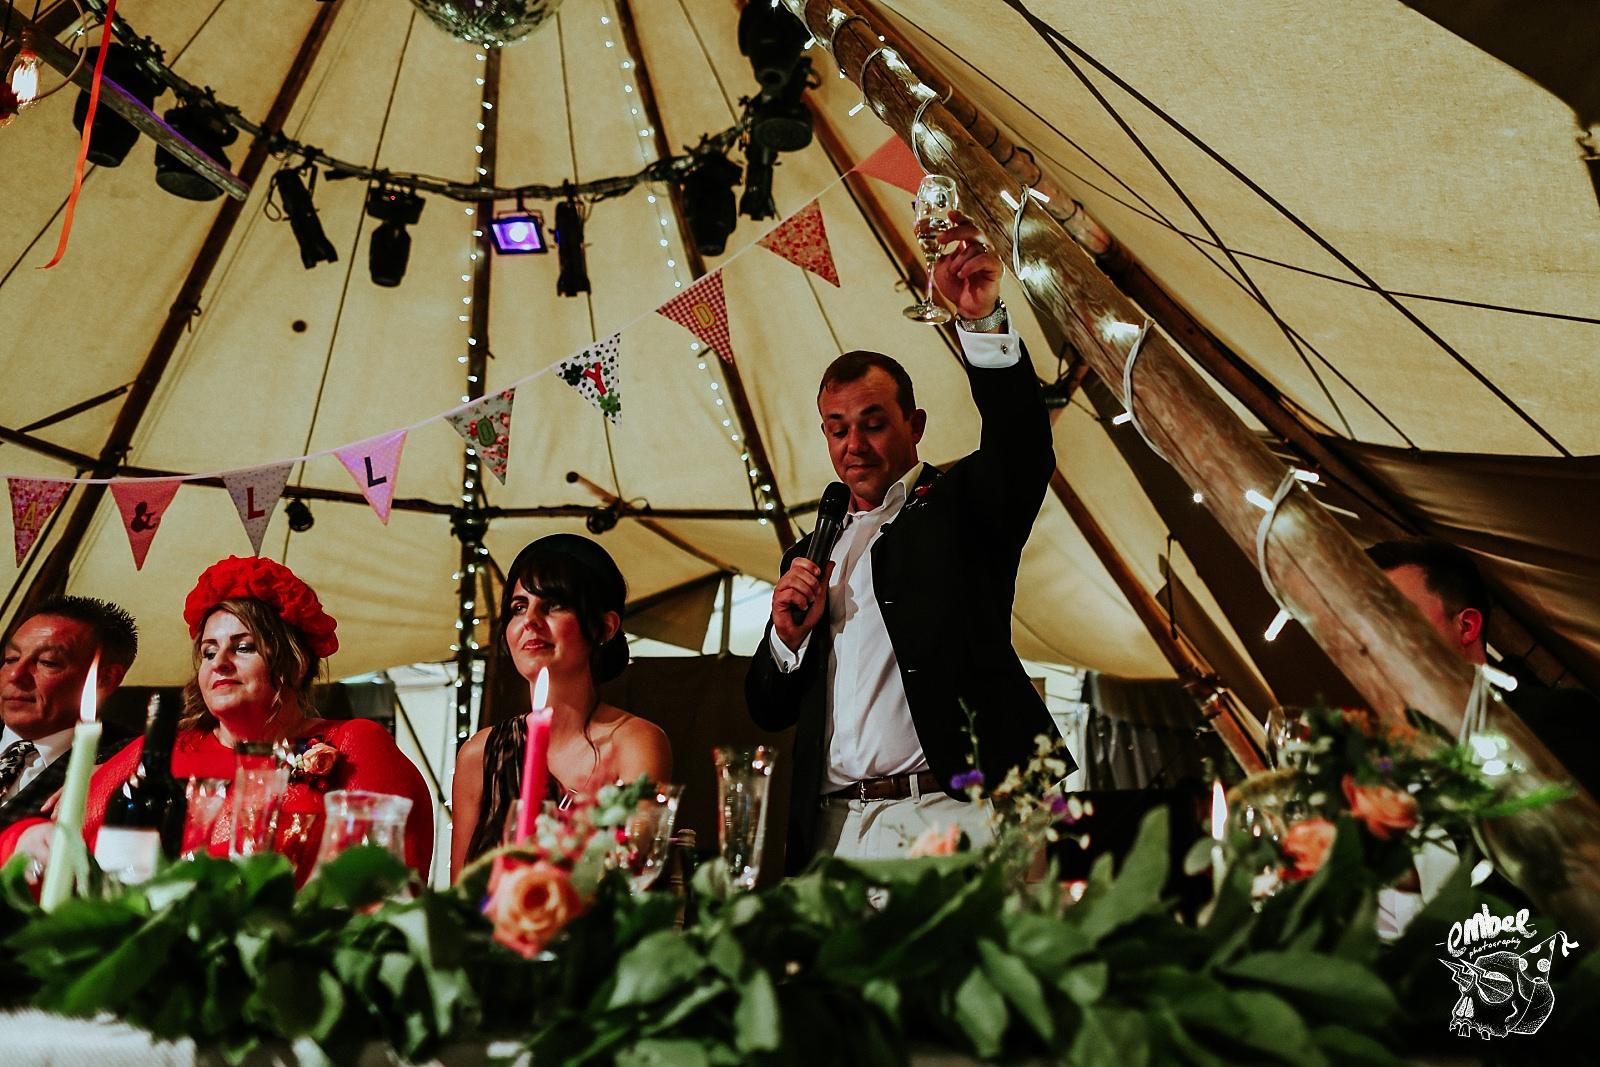 grooms friend being master of ceremonies